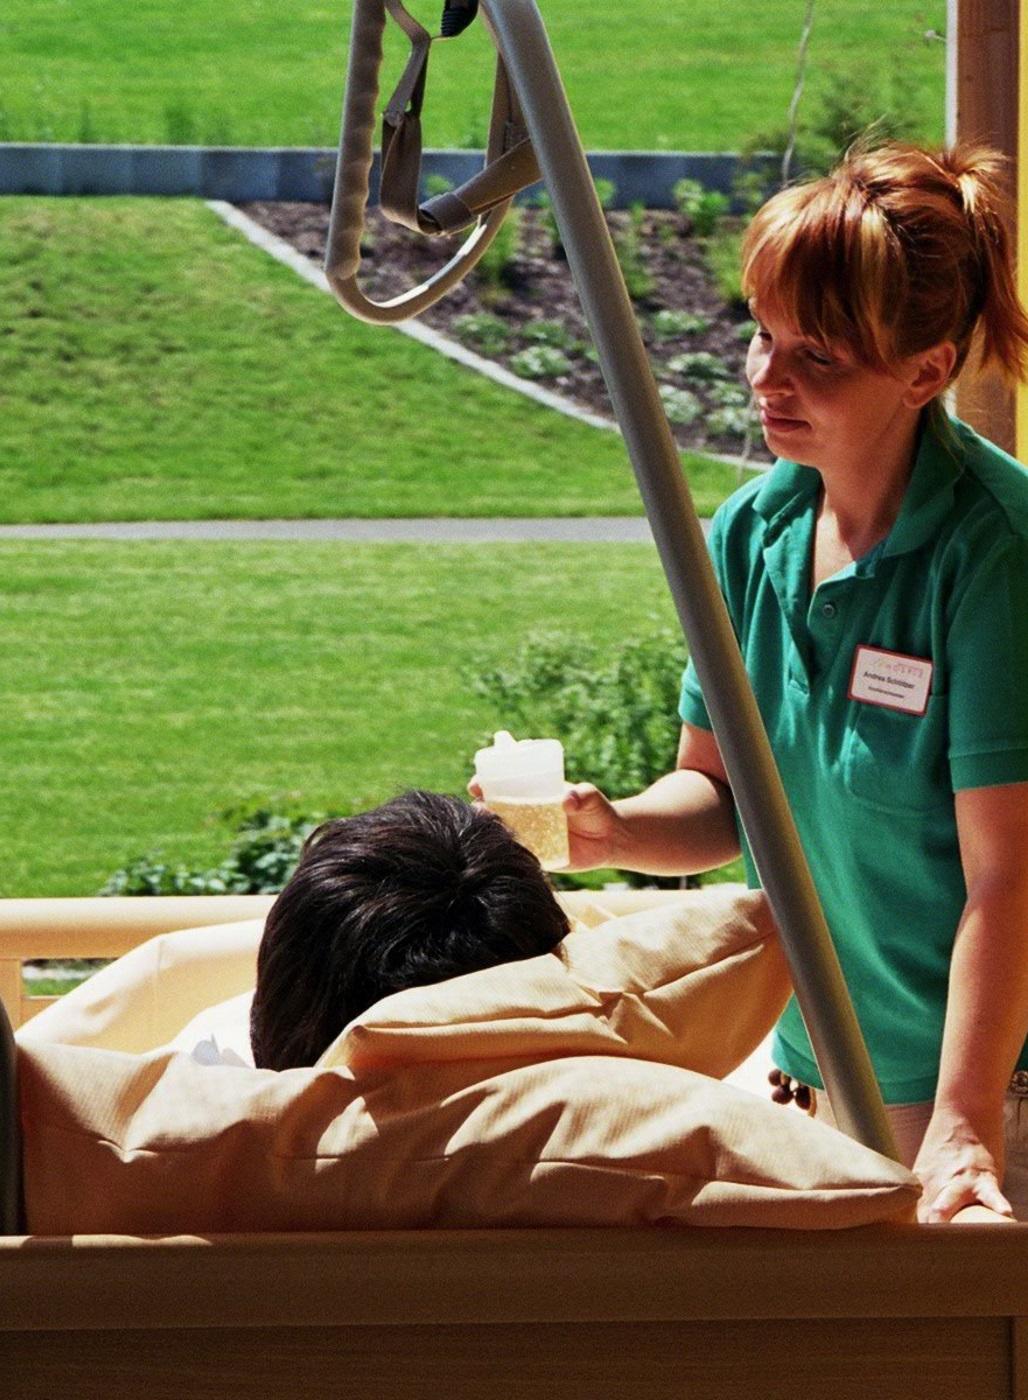 Pflegerin hat Patienten im Bett auf die Terrasse gebracht und reicht ihm ein Getränk.